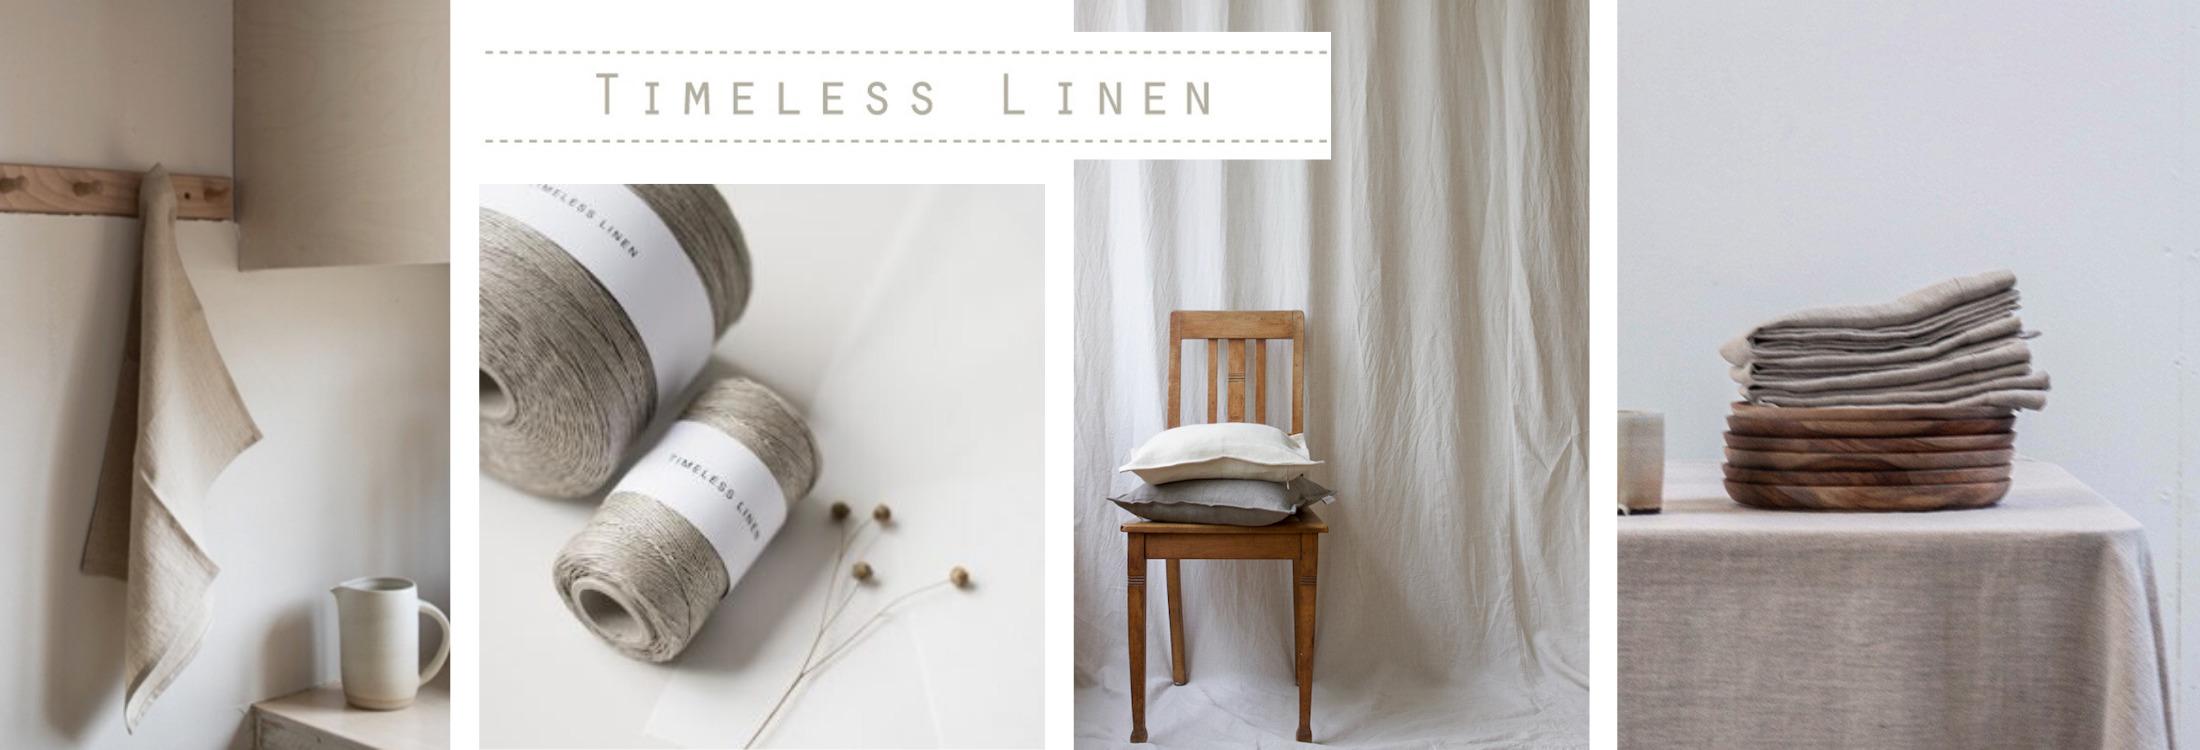 Timeless Linen